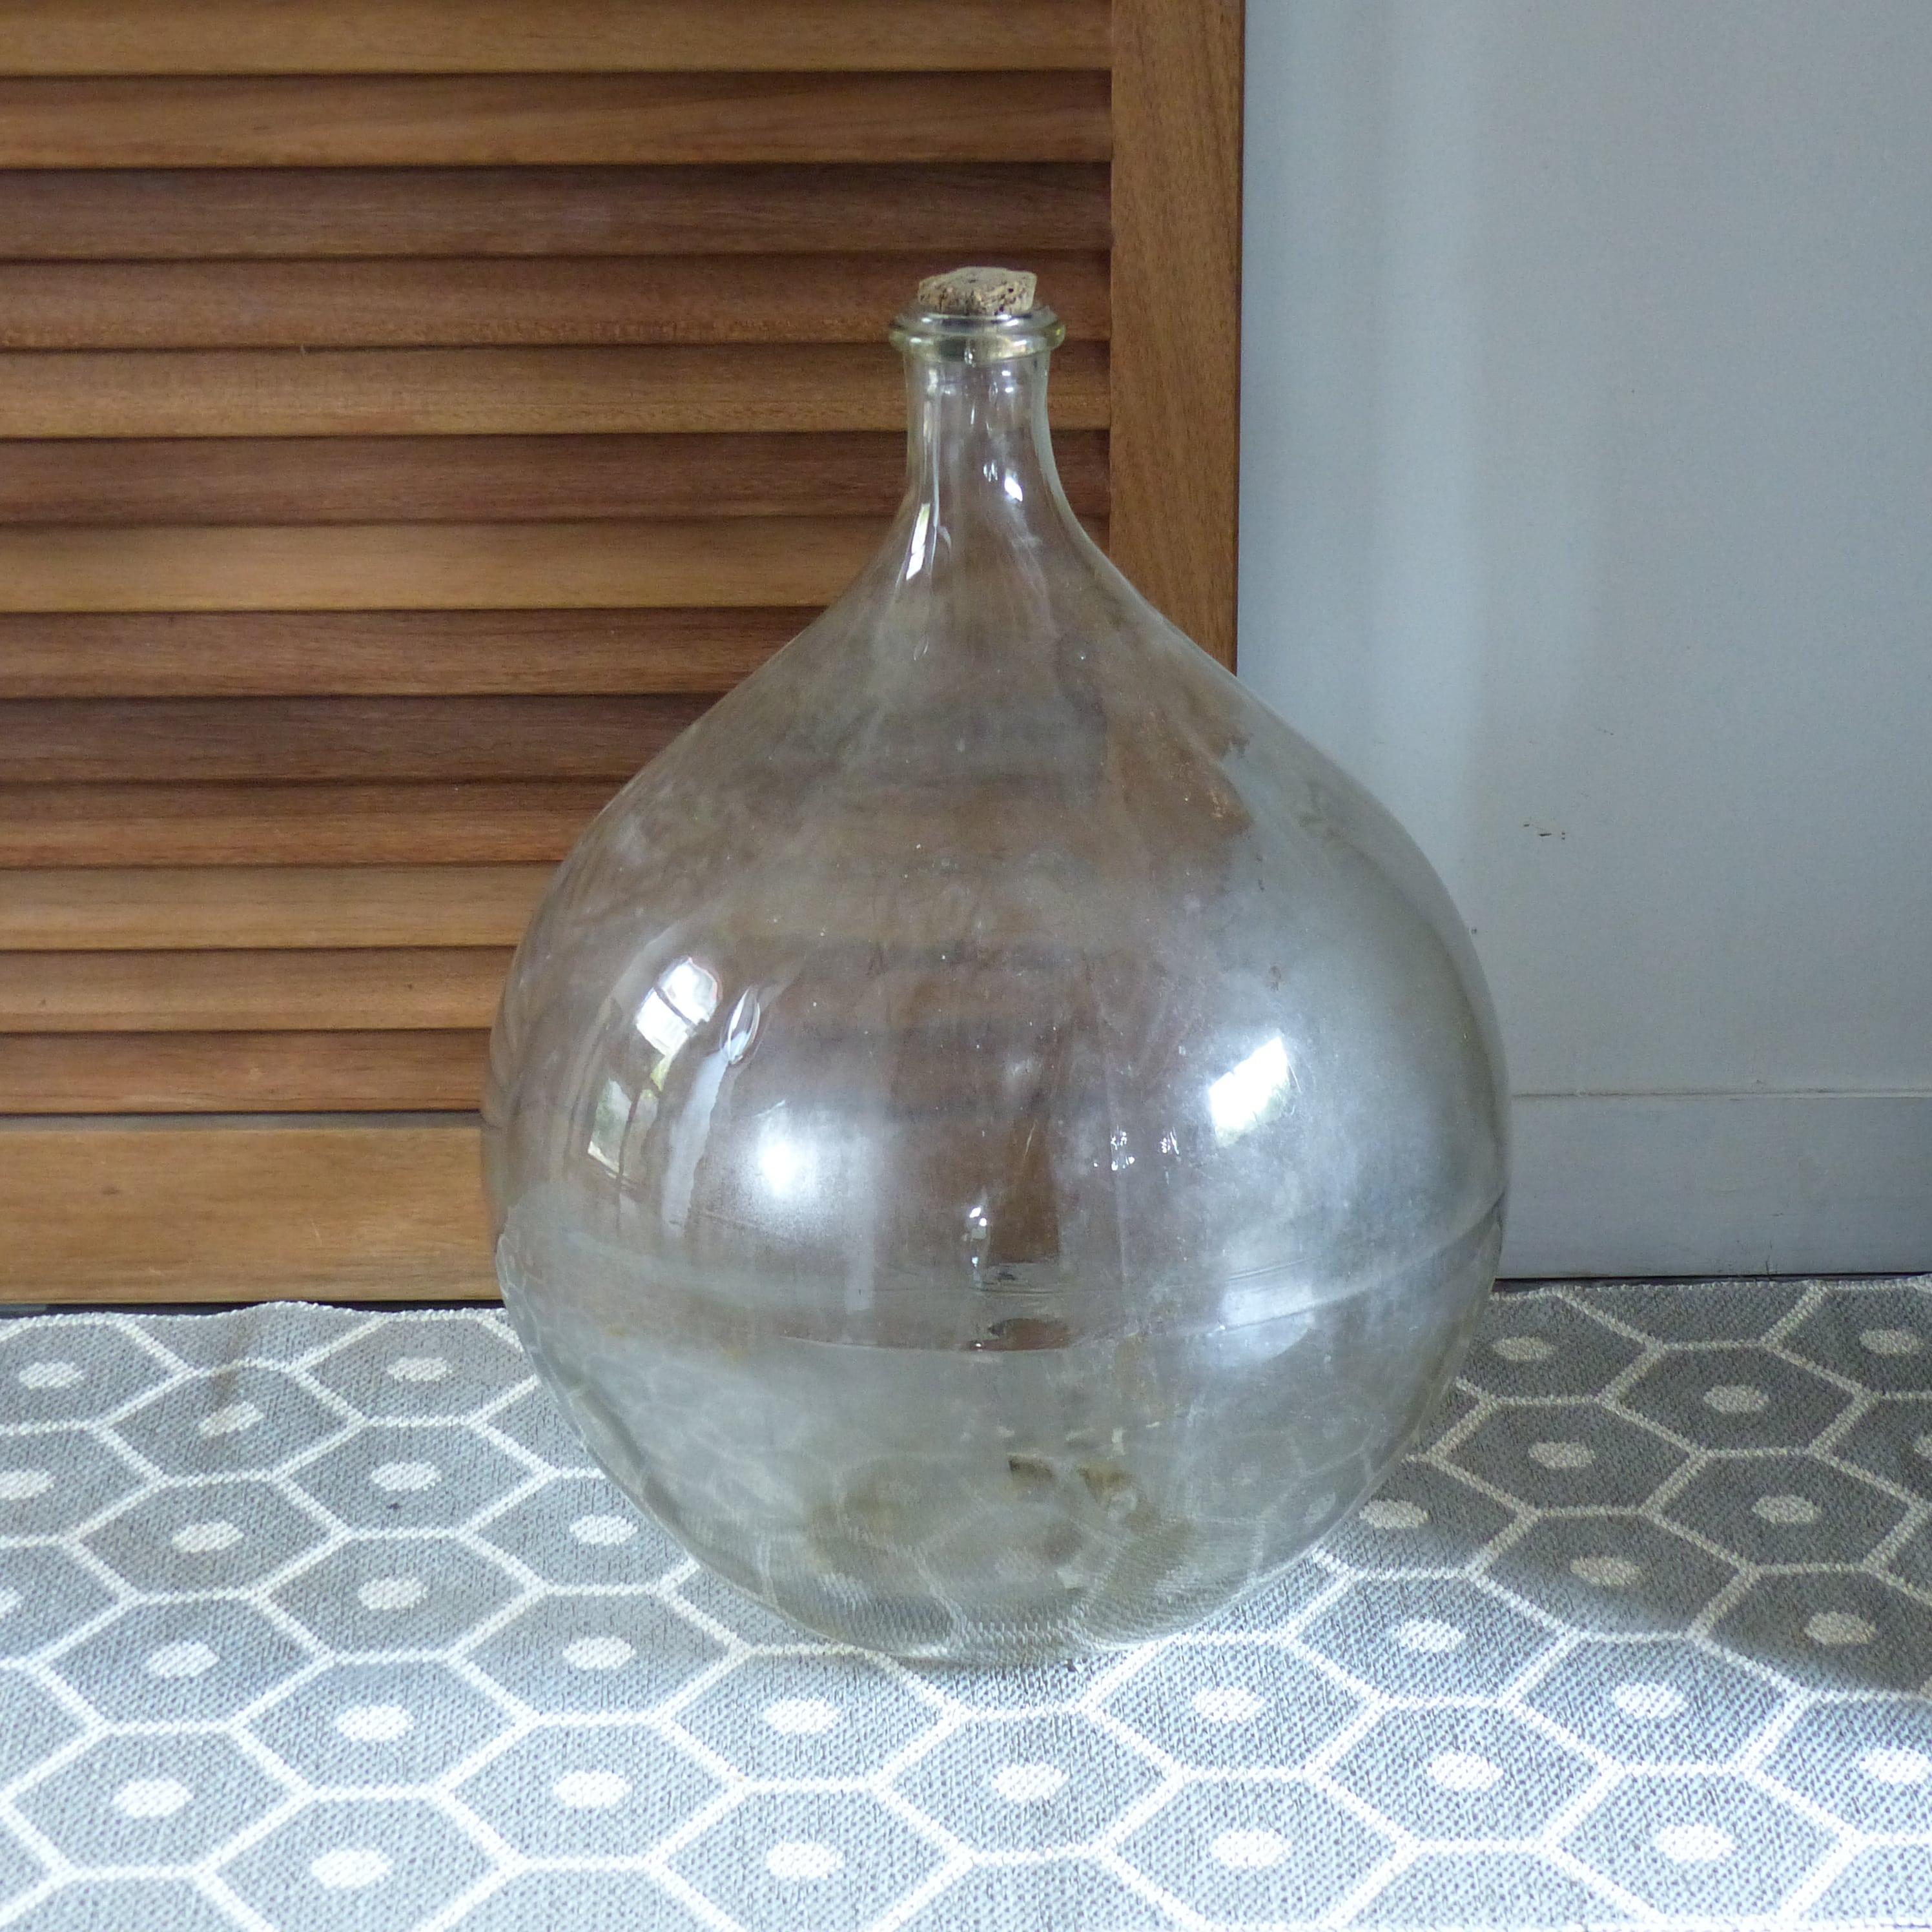 grande dame jeanne en verre transparent lignedebrocante brocante en ligne chine pour vous. Black Bedroom Furniture Sets. Home Design Ideas